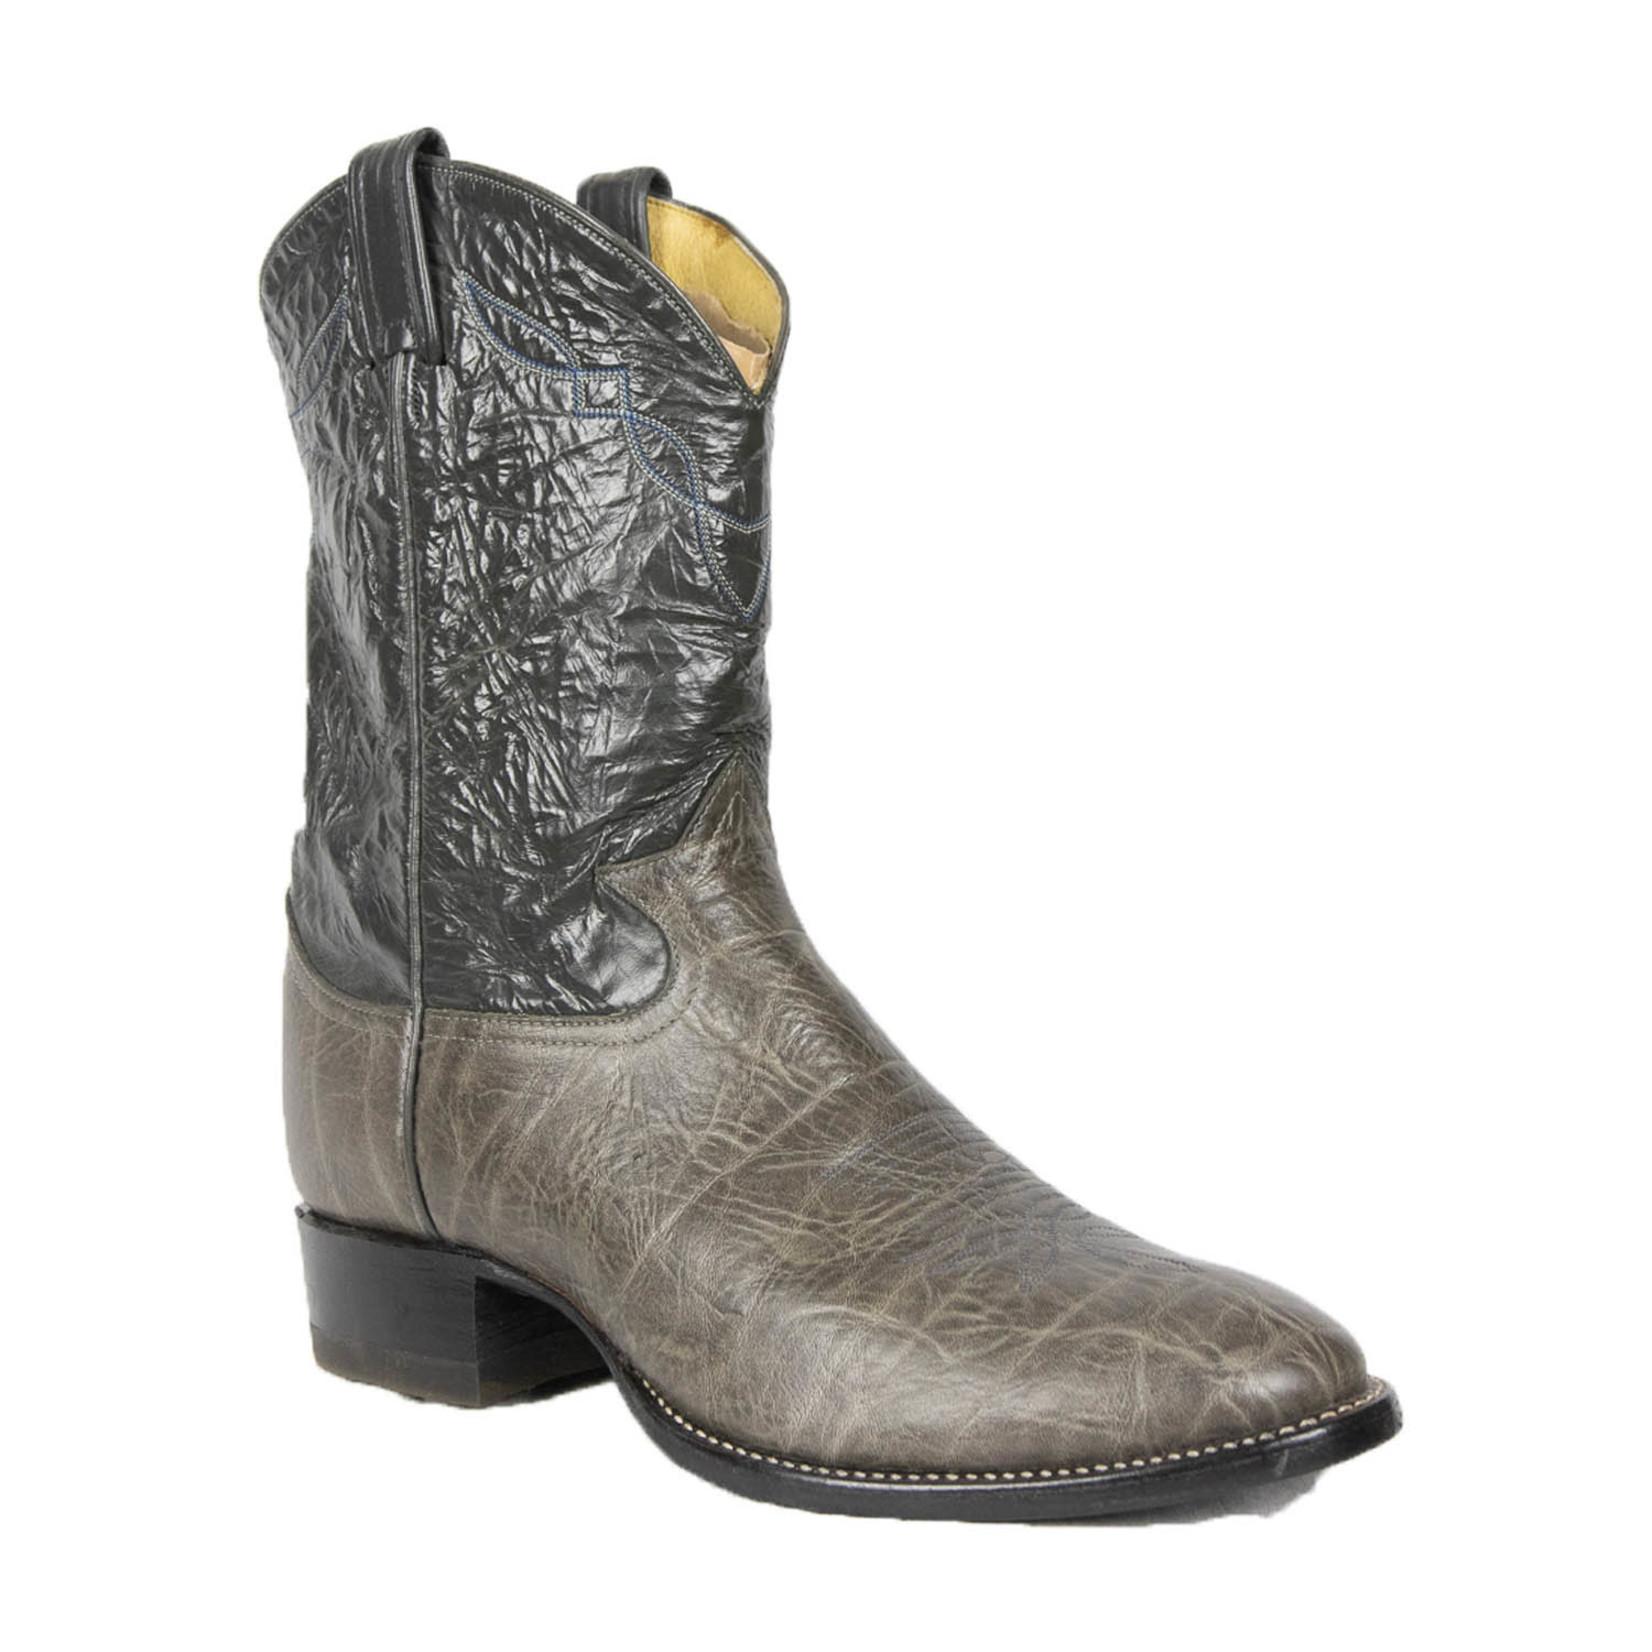 Tony Lama Tony Lama Men's Cowboy Boot H9566